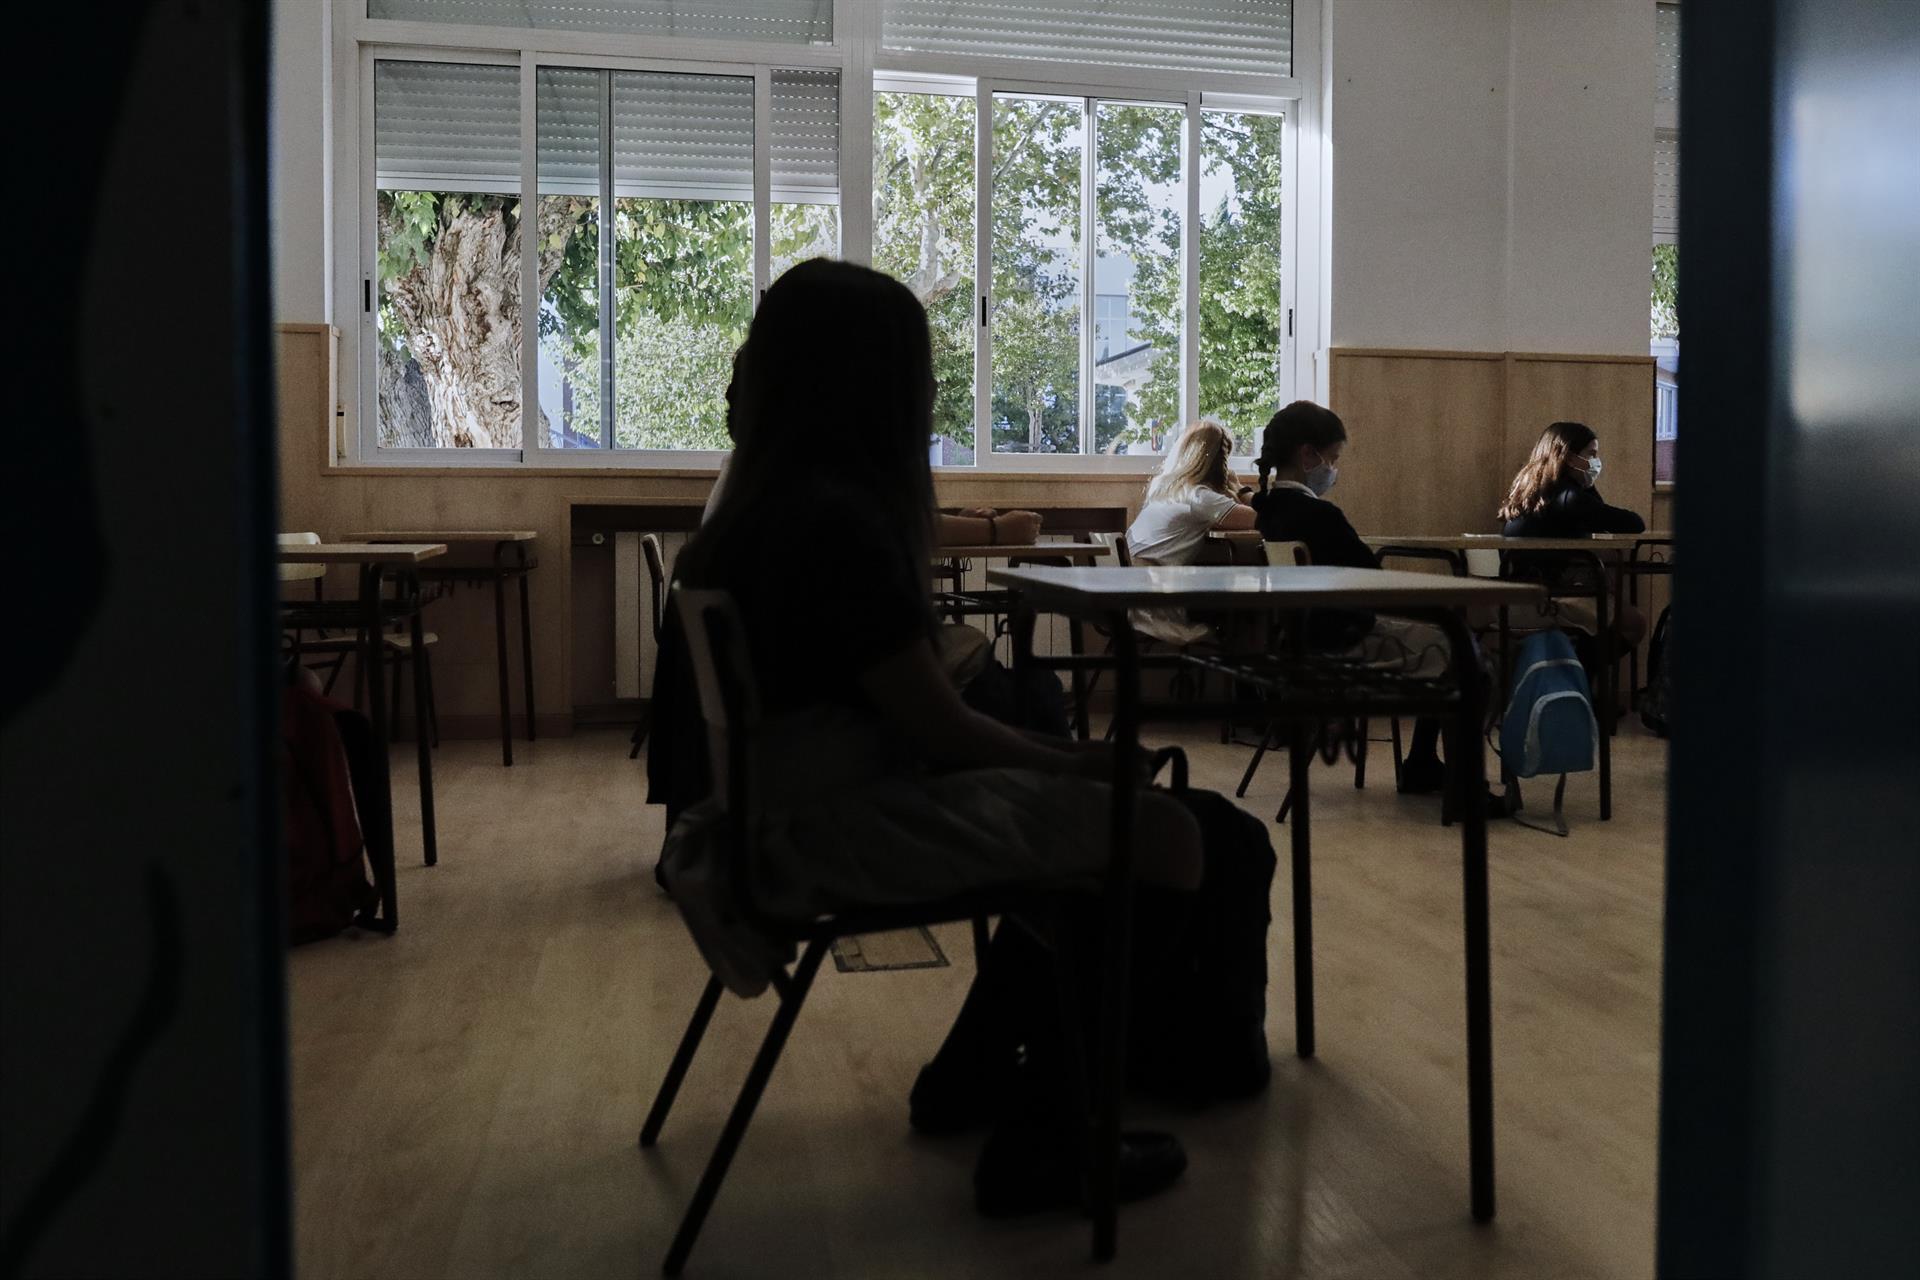 Patronales y sindicatos de la concertada valoran el acuerdo pero ven «insuficiente» los refuerzos docentes